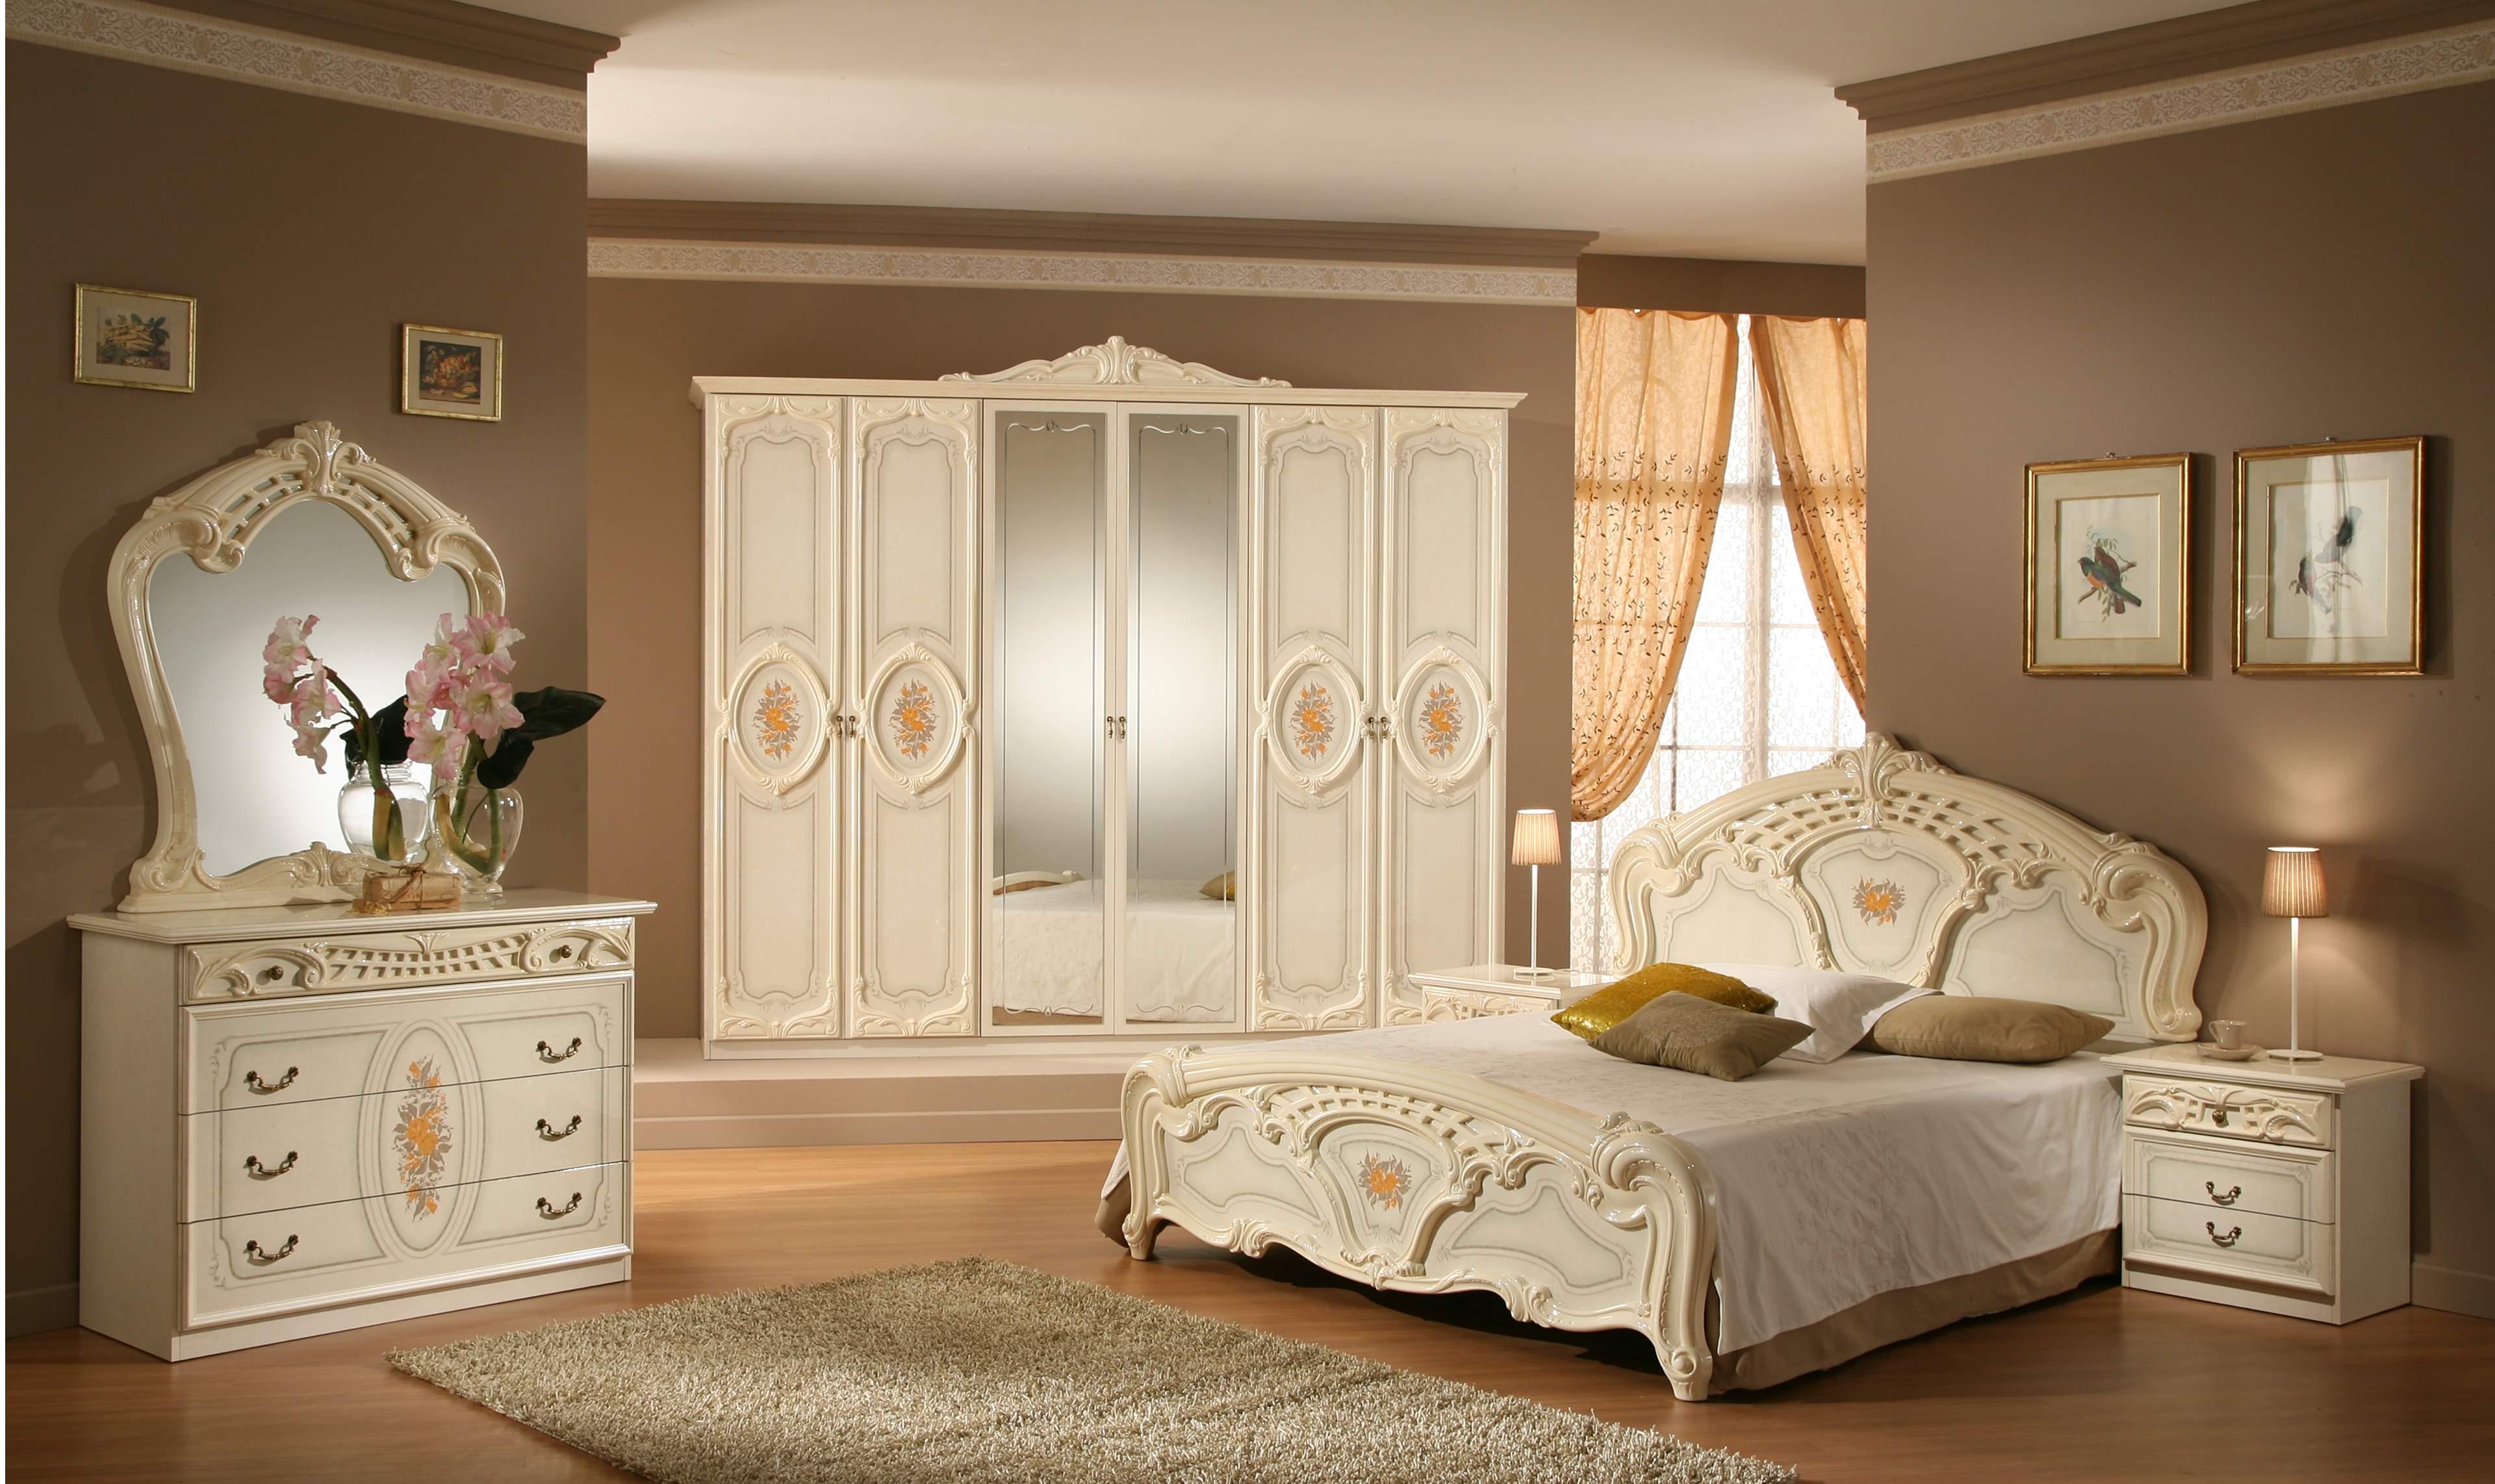 Phòng ngủ đầy đủ tiện nghi của mẫu nhà phố 5 tầng tân cổ điển